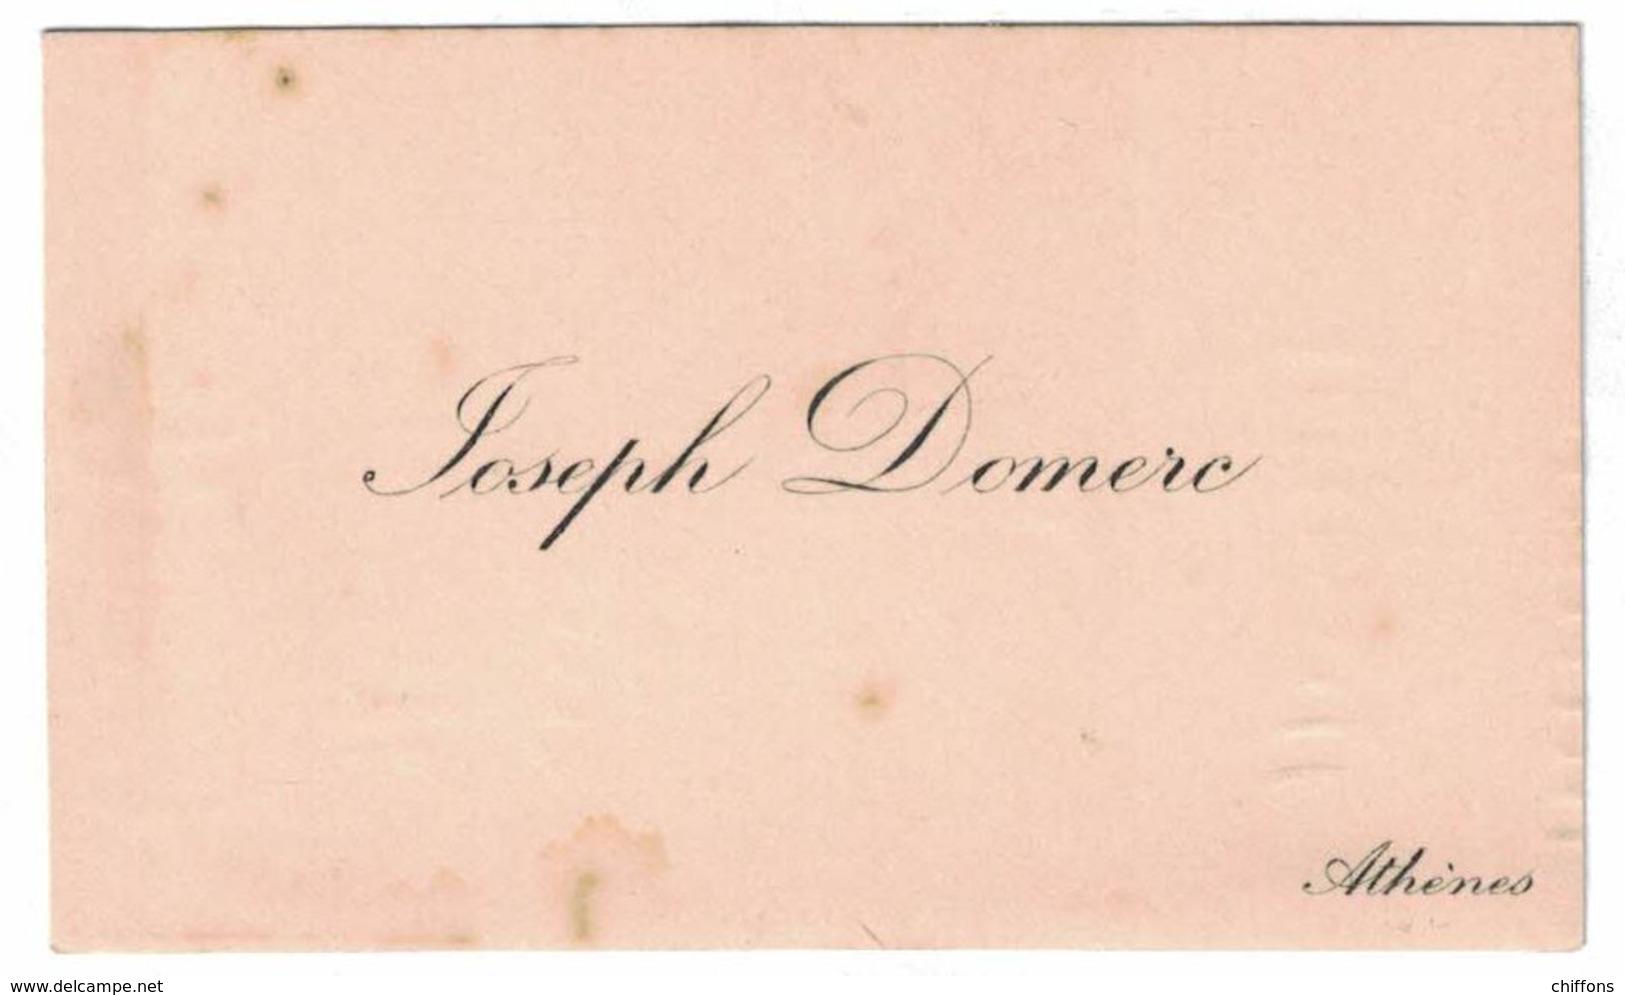 JOSEPH DEMERC ATHENES - Cartes De Visite